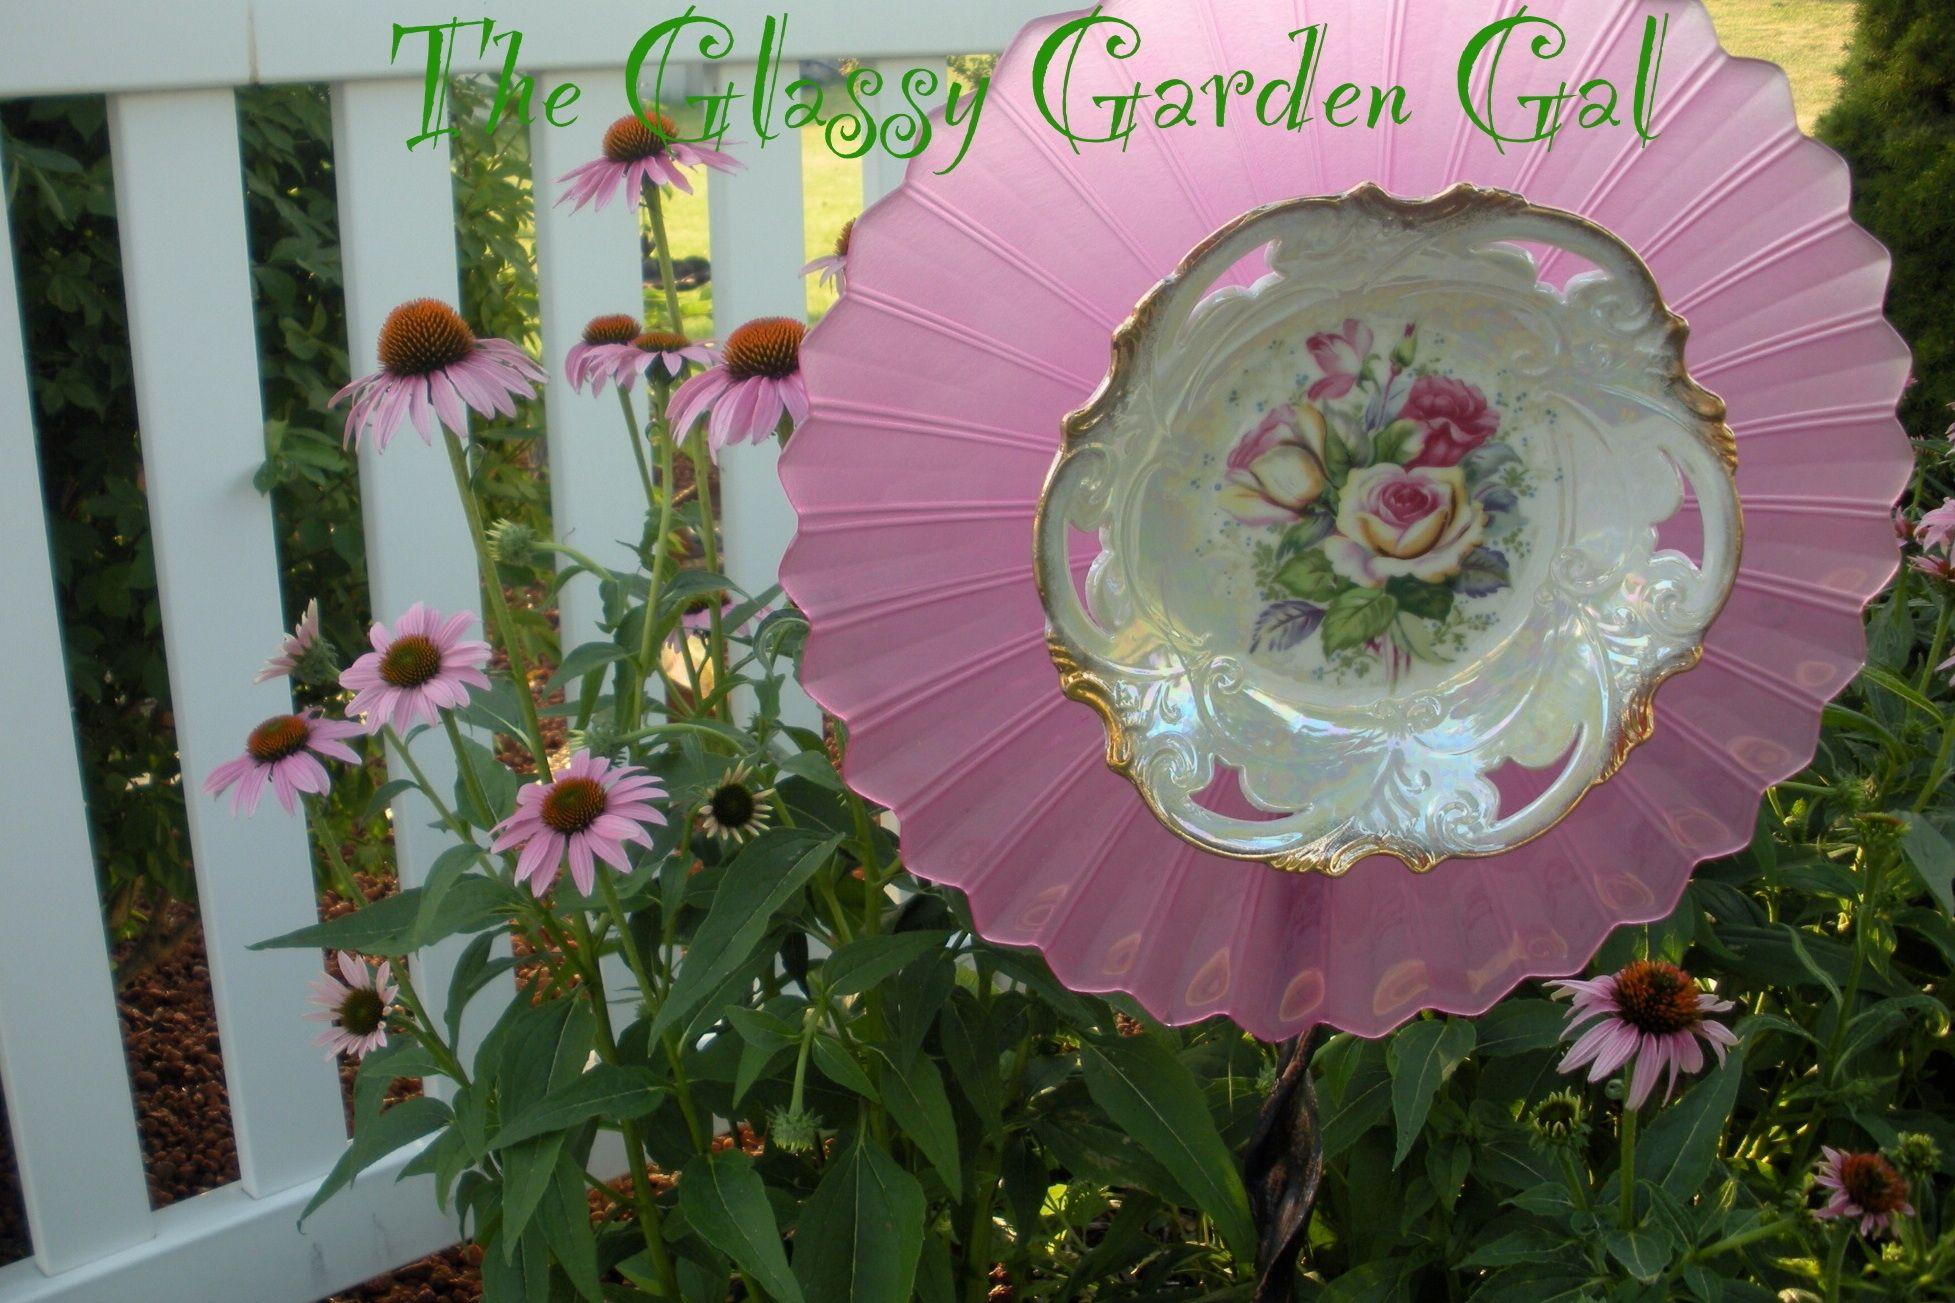 Glass plate garden flower glass garden art yard art for Recycled glass garden ornaments